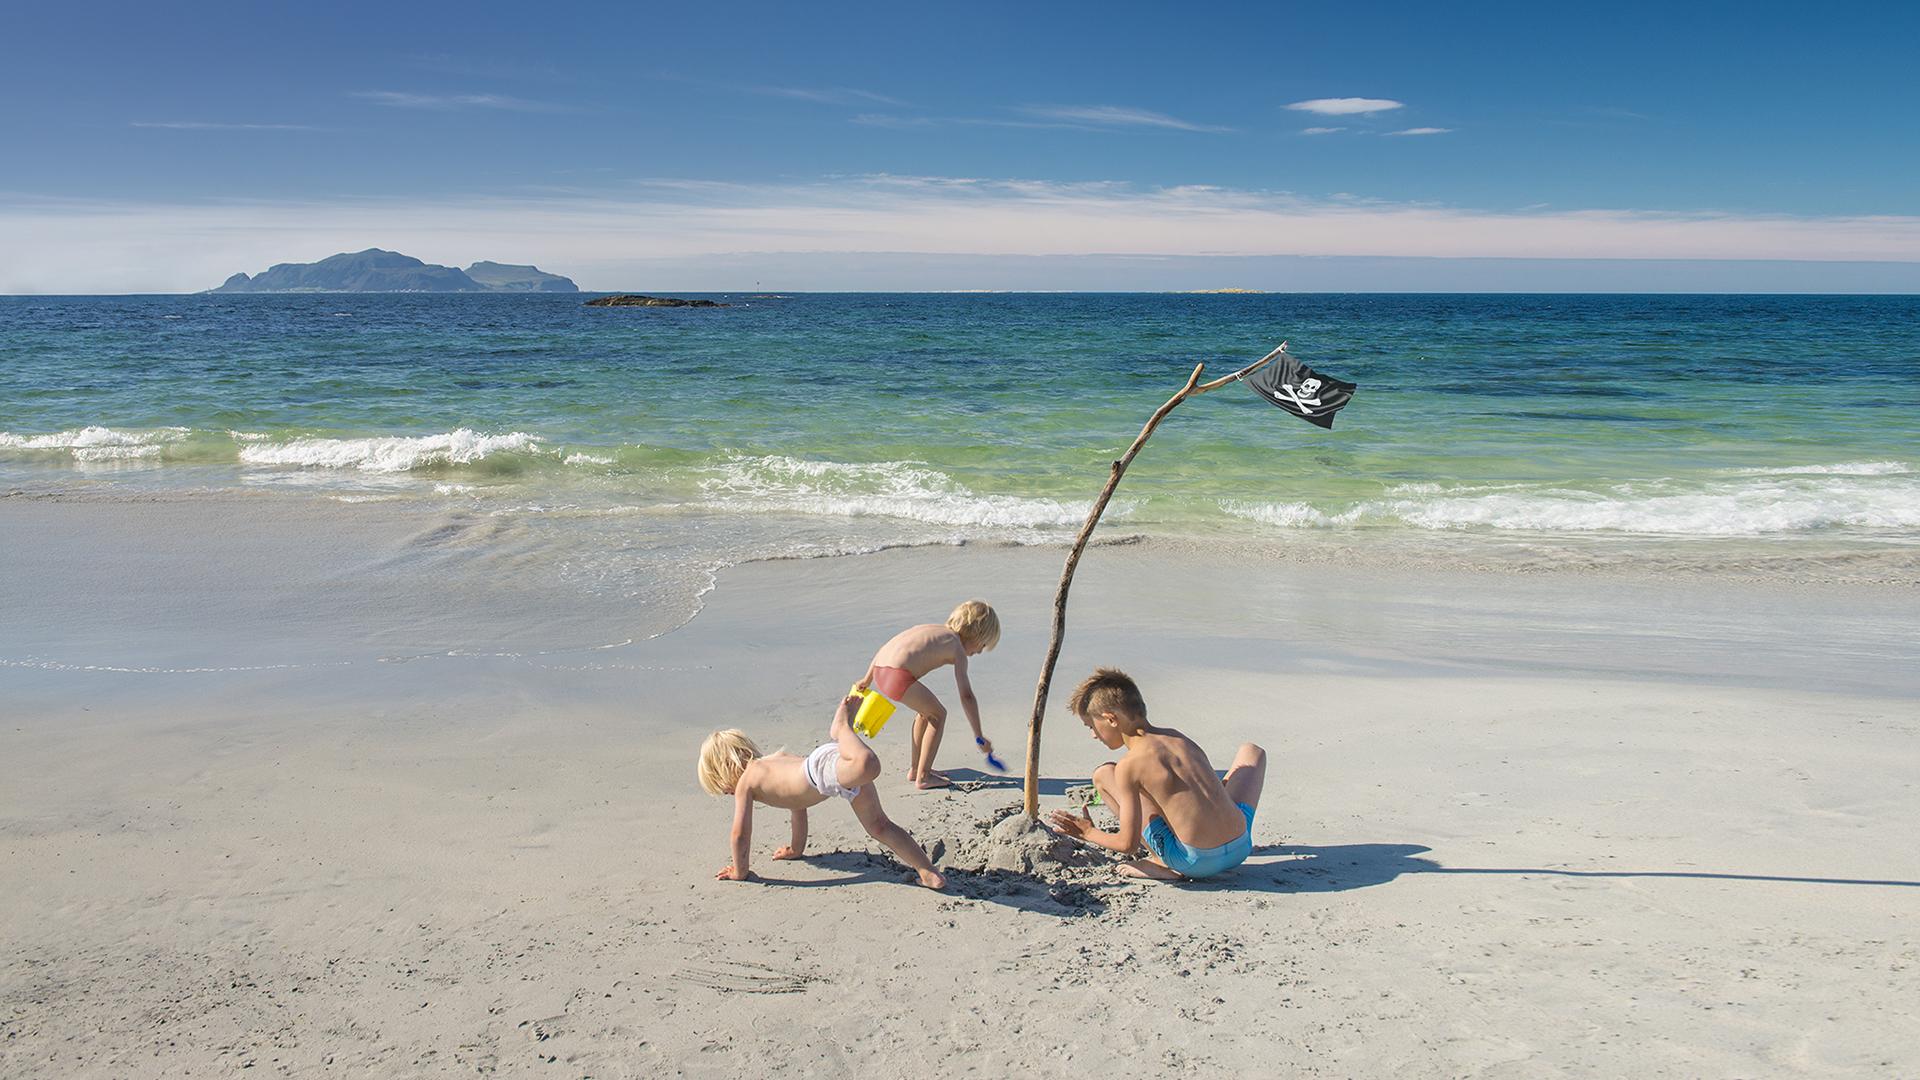 roppesanden-badeglede-visit-ulstein-strandliv